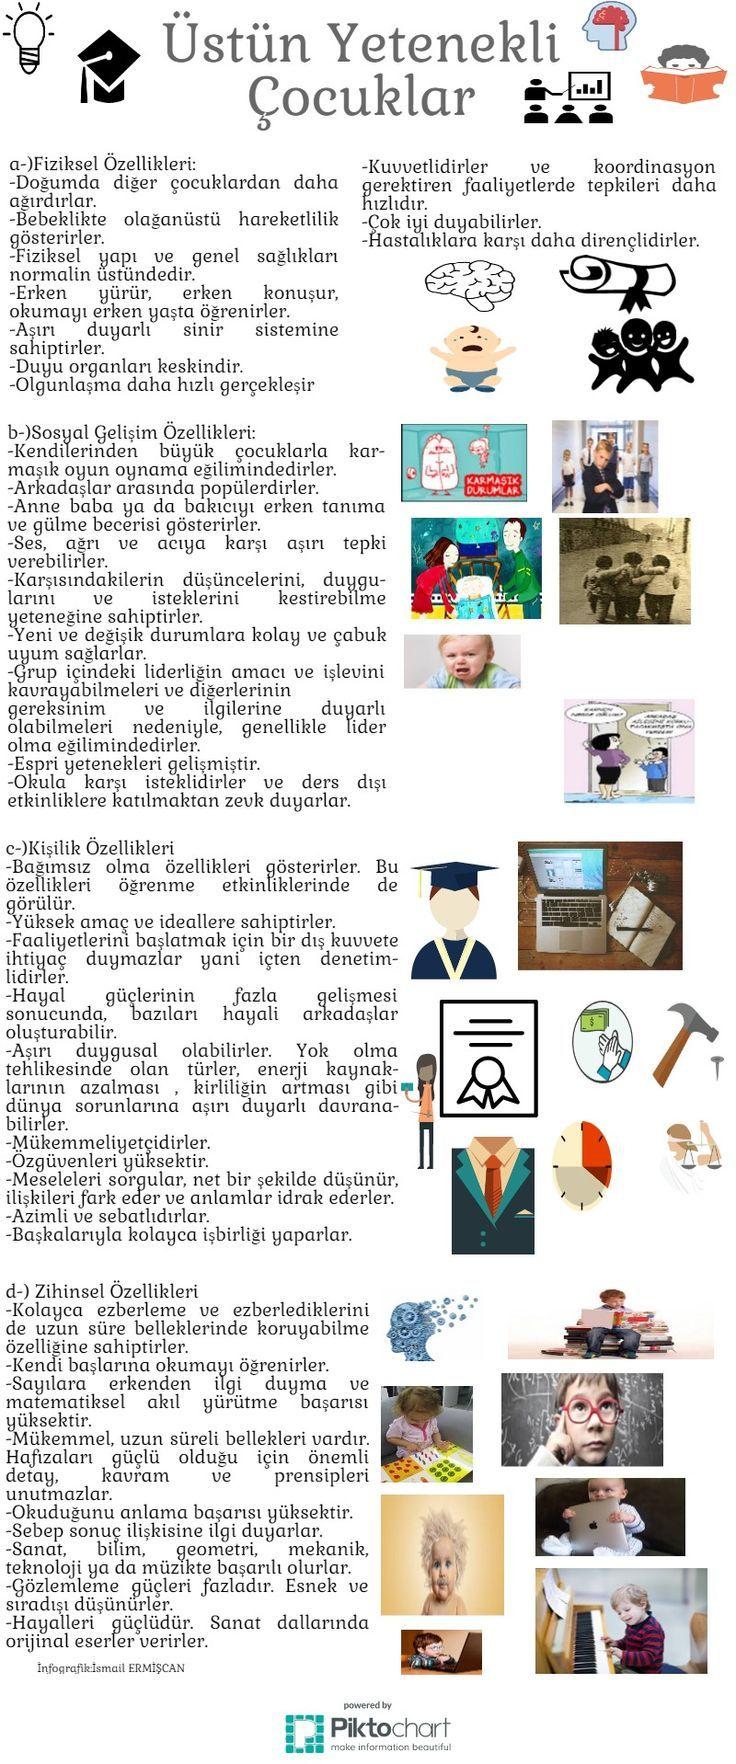 Üstün Yetenekli Çocuklar | Piktochart Infographic Editor [] #<br/> # #Infographic<br/>